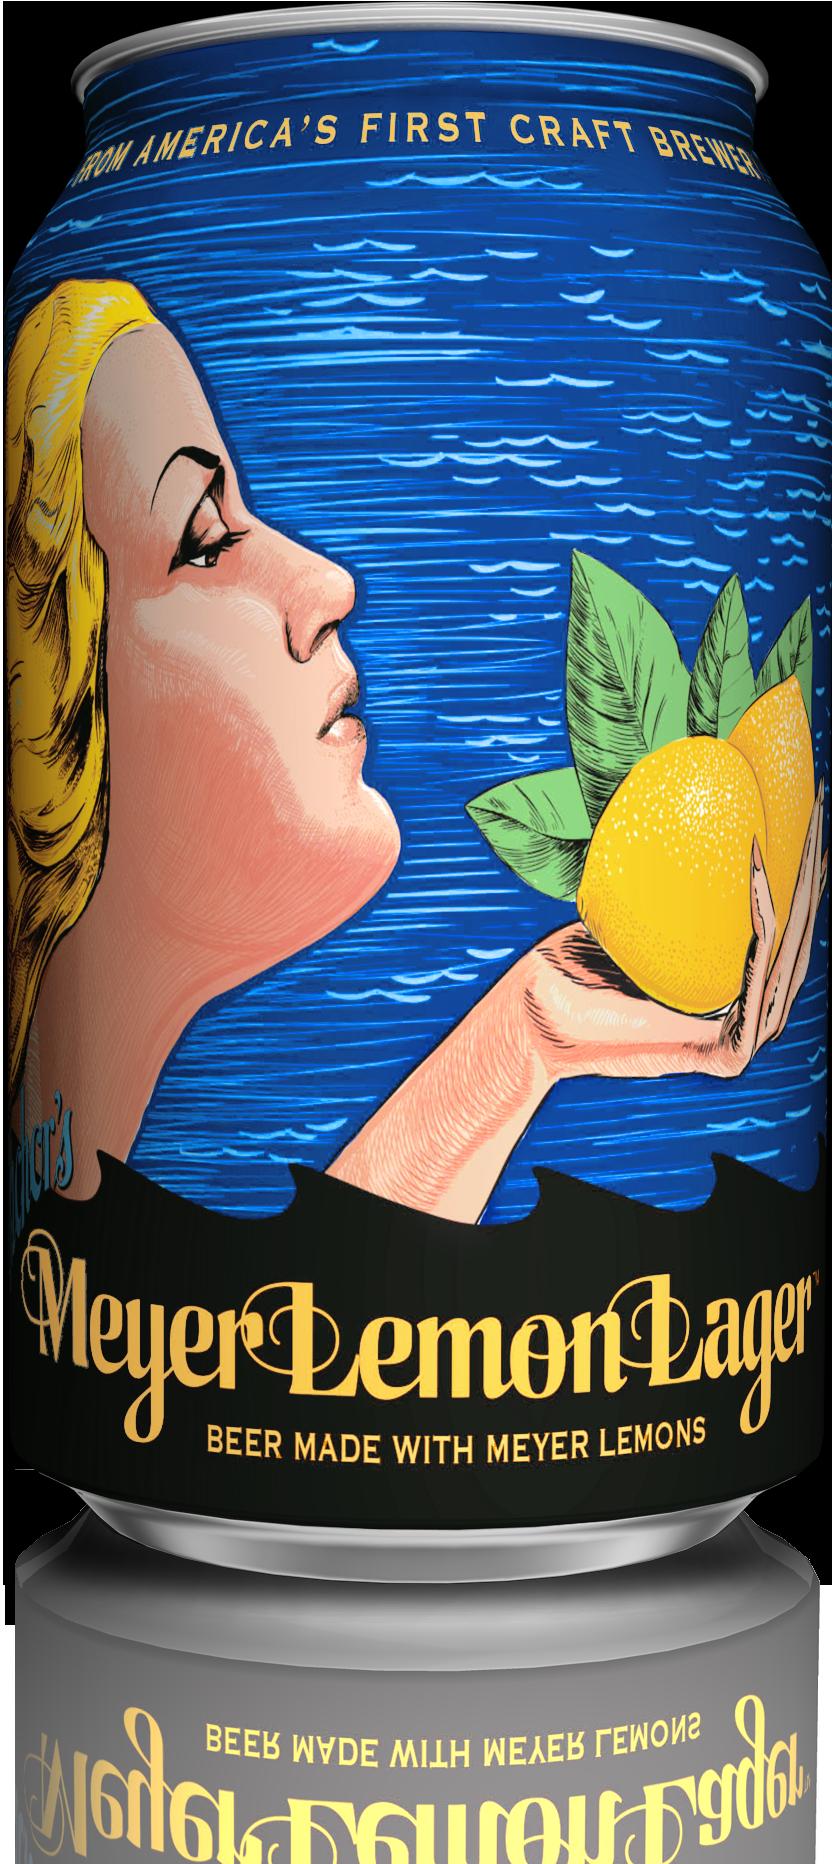 As frutas dominaram as cervejas e há versões com graviola, cupuaçu e melancia